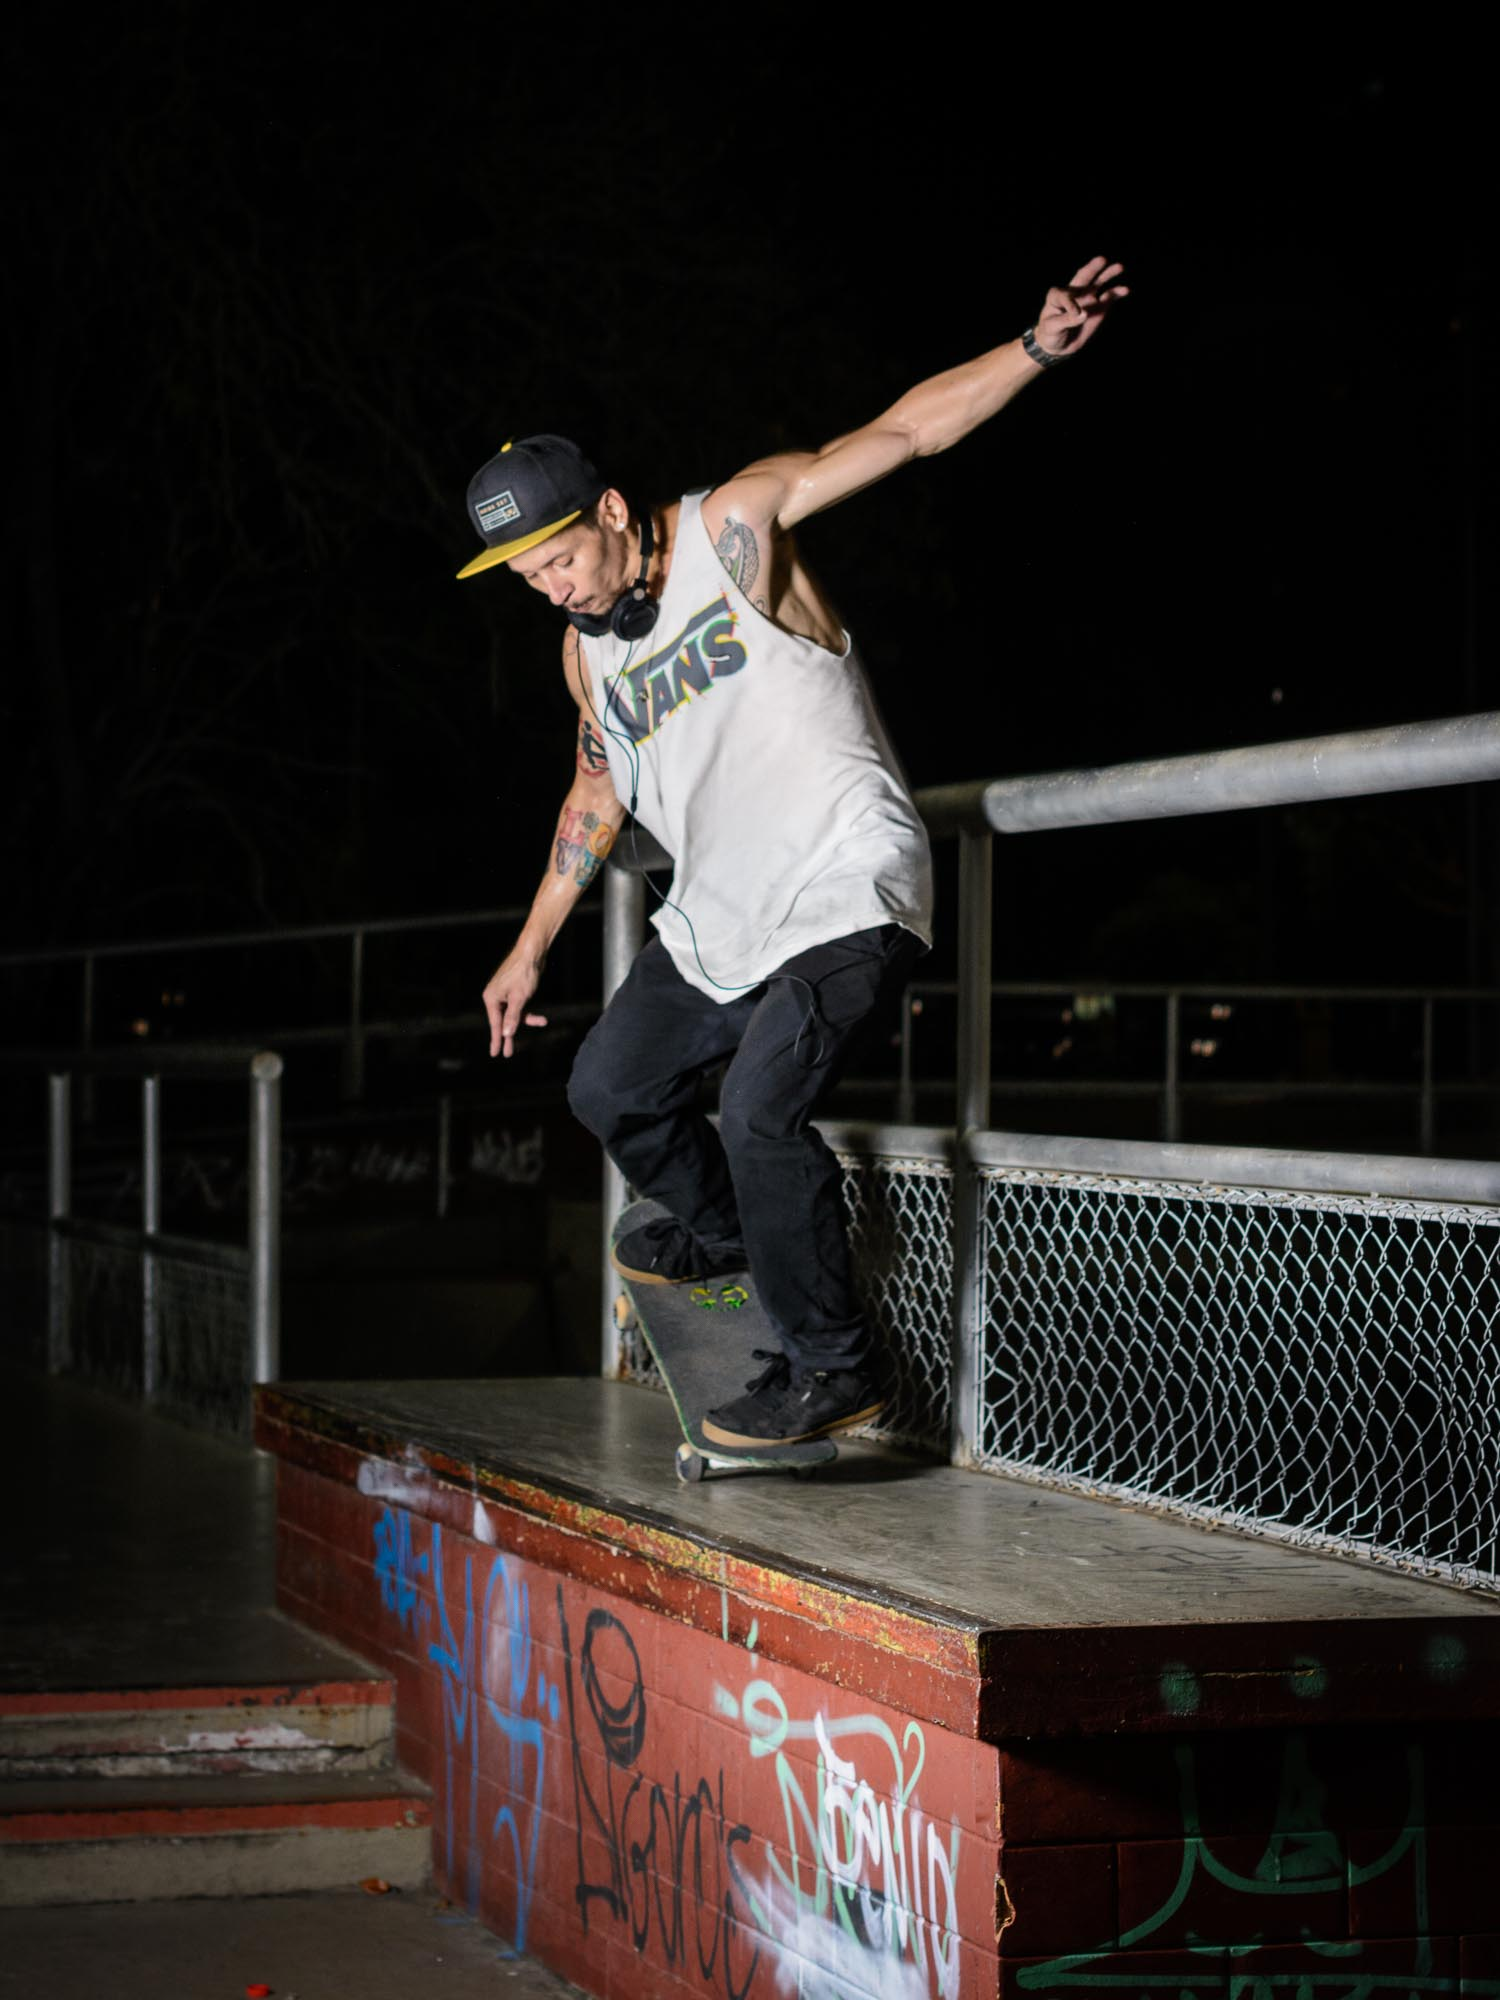 Greg Lee Skateboarder - Trick 7